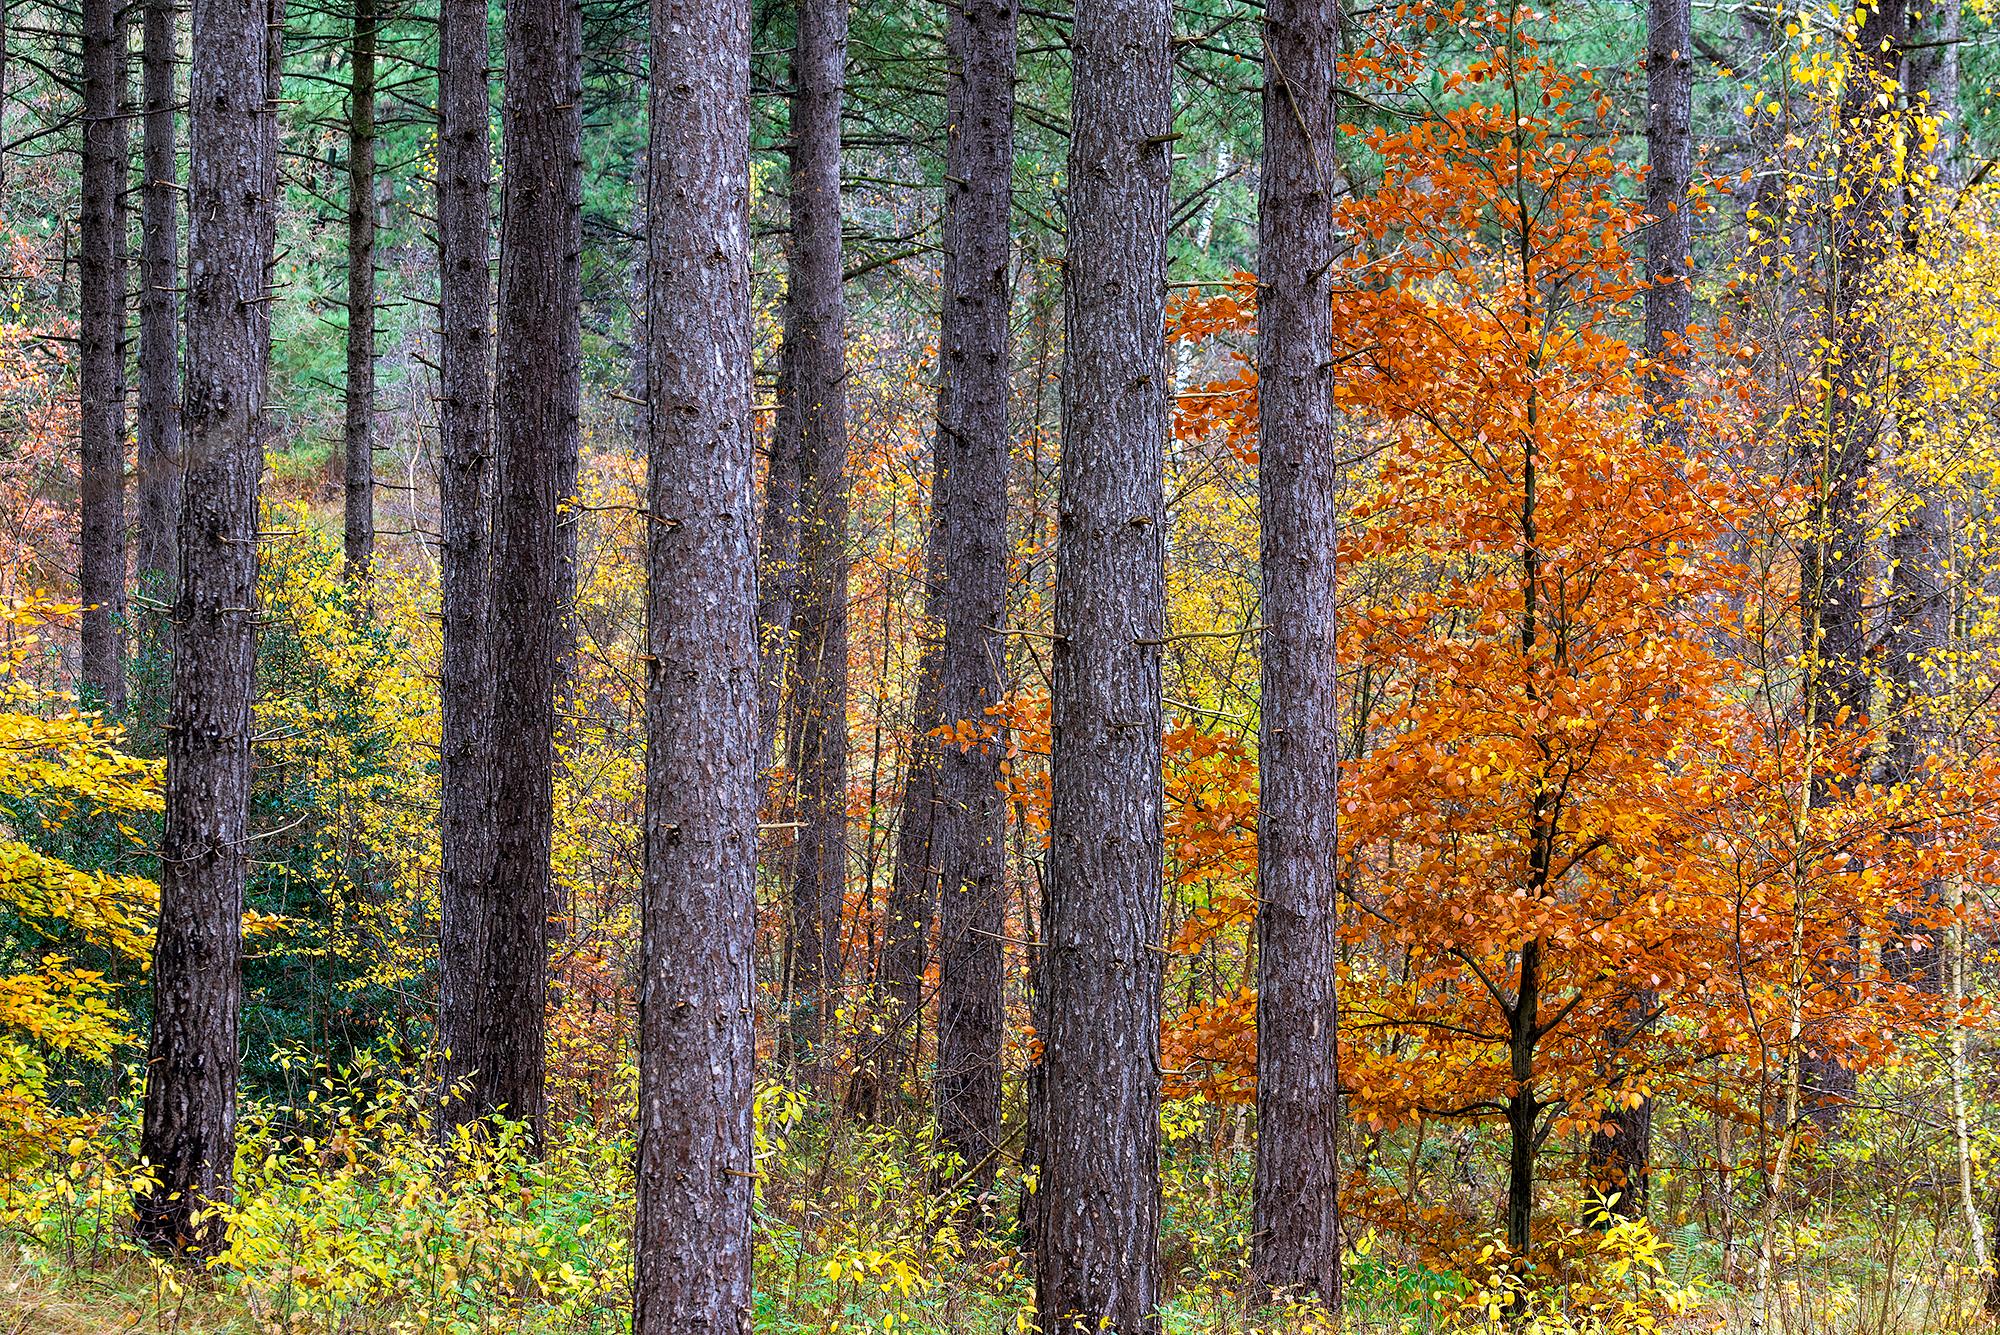 Loofbomen met verkleurd blad tussen de stammen van naaldbomen tijdens herfst in het bos van Landgoed Koningshof bij Overveen.